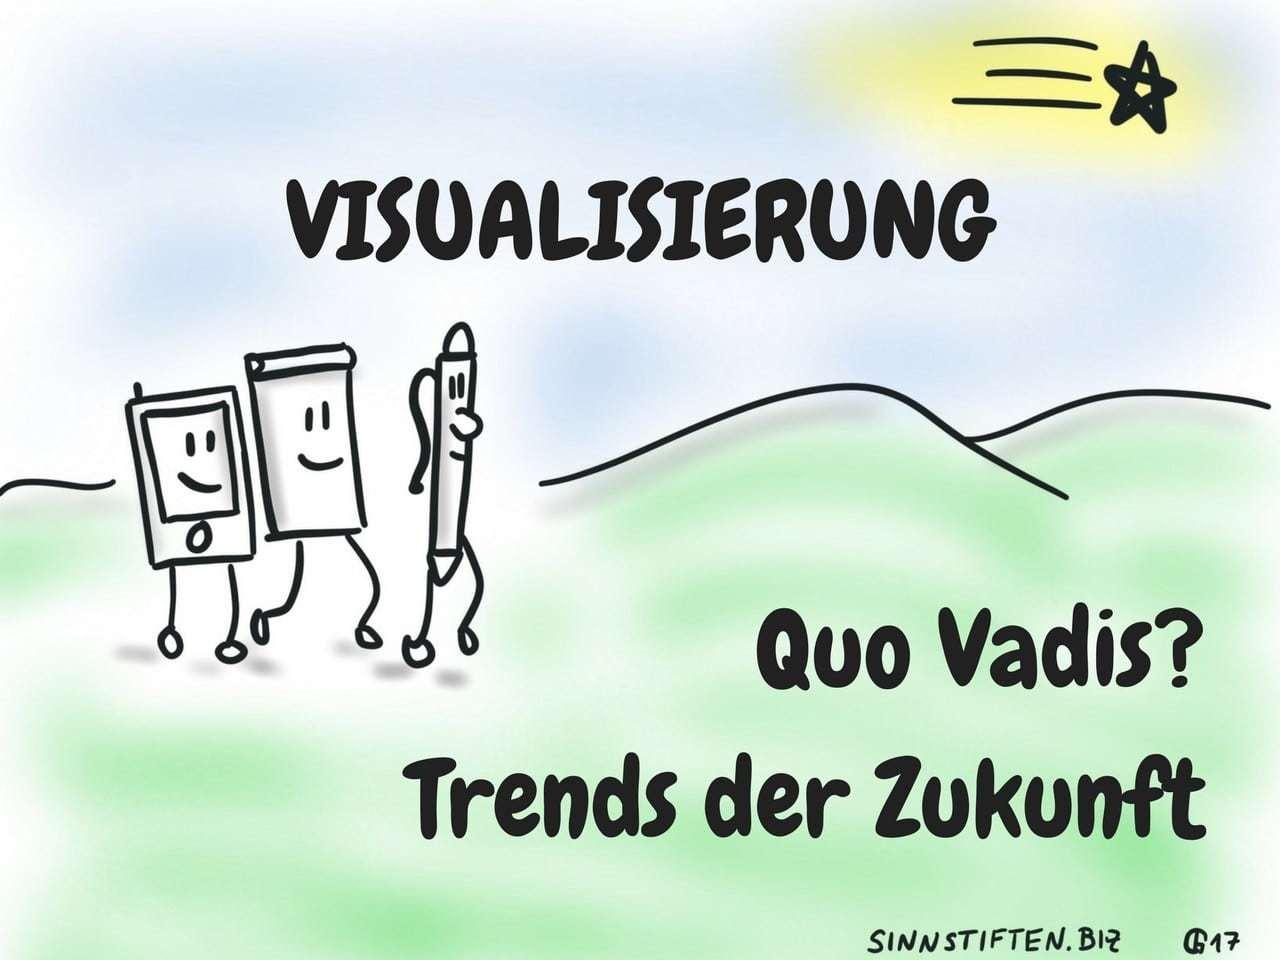 Quo Vadis Visualisierung: 19 Experten über die Trends der Zukunft 1